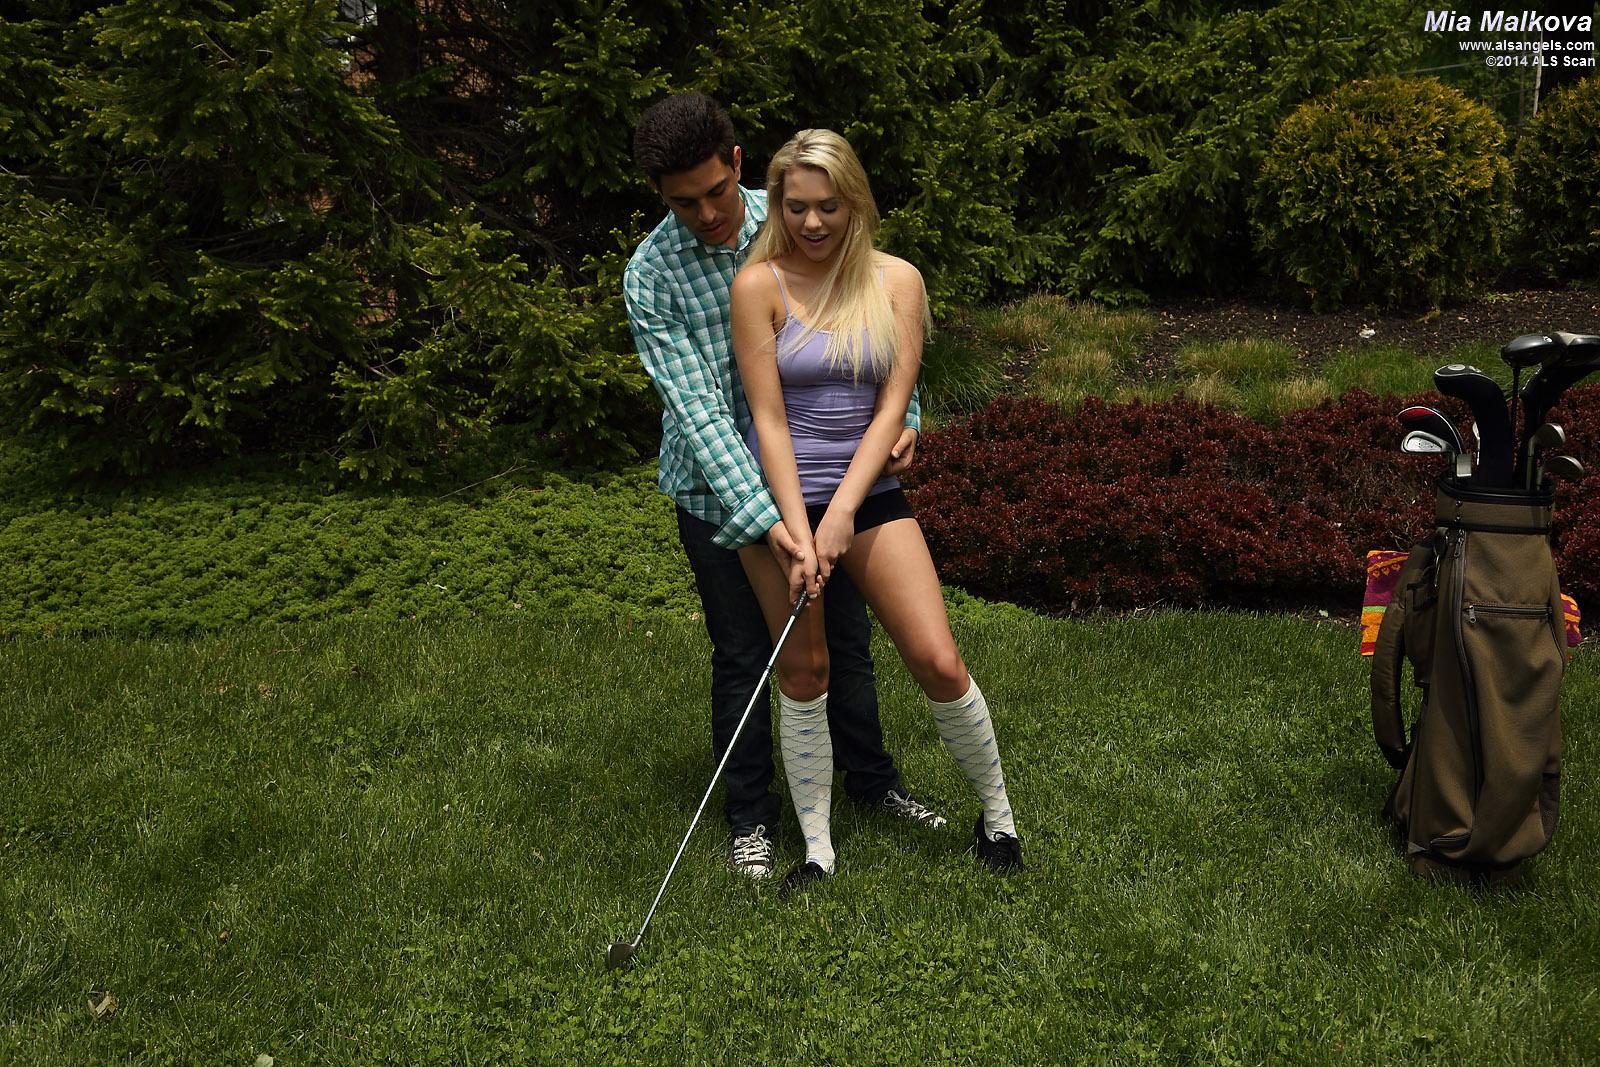 Mia Malkova - Mia Malkova Gets Naked for Her Golf Coach